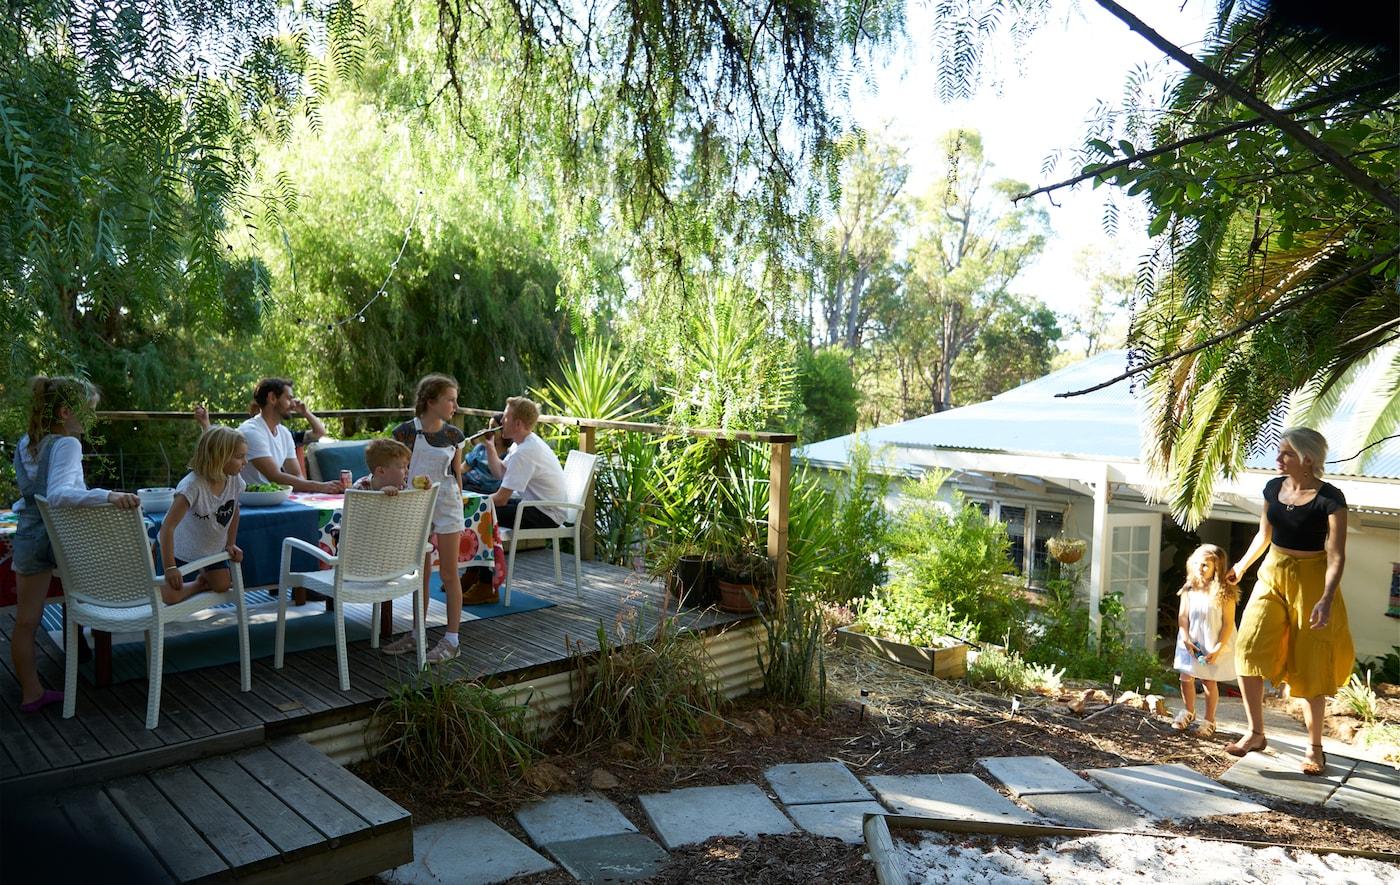 مجموعة من الناس يجلسون حول طاولة على سطح مرتفع في حديقة بها نباتات وأحجار رصف.